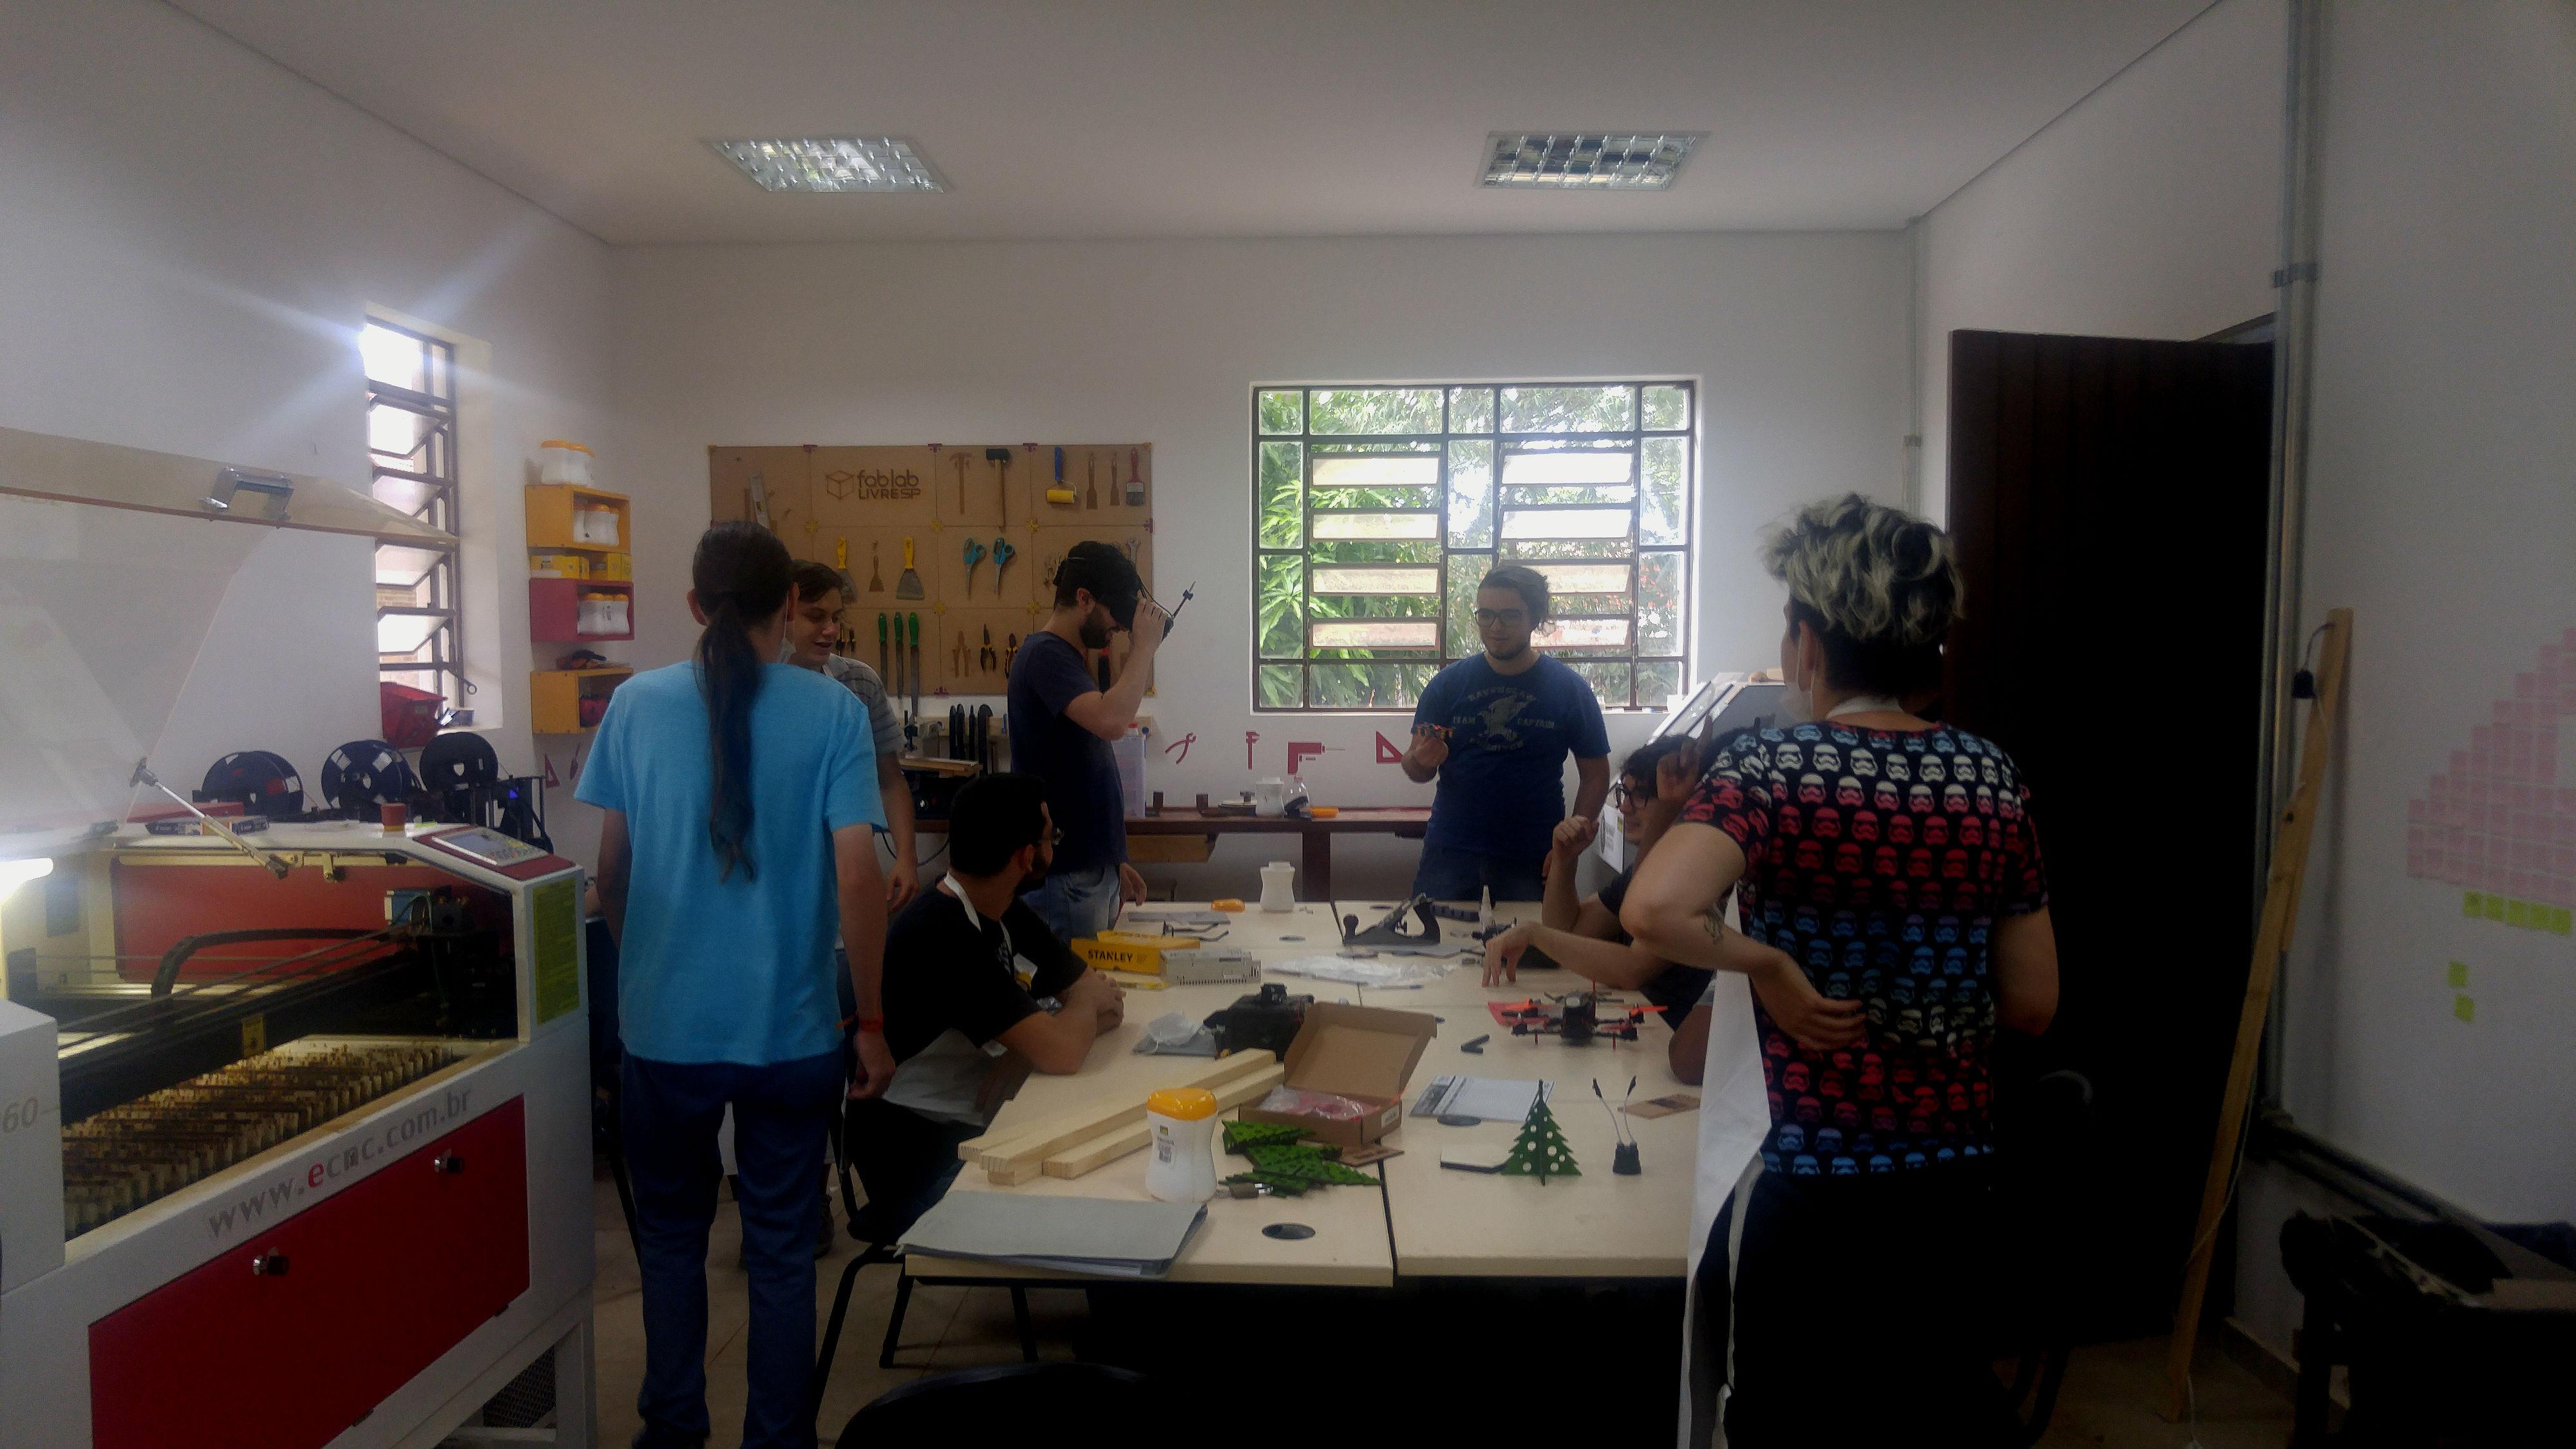 Imagem mostra o laboratório do Fab Lab SP Chácara do Jockey com alunos